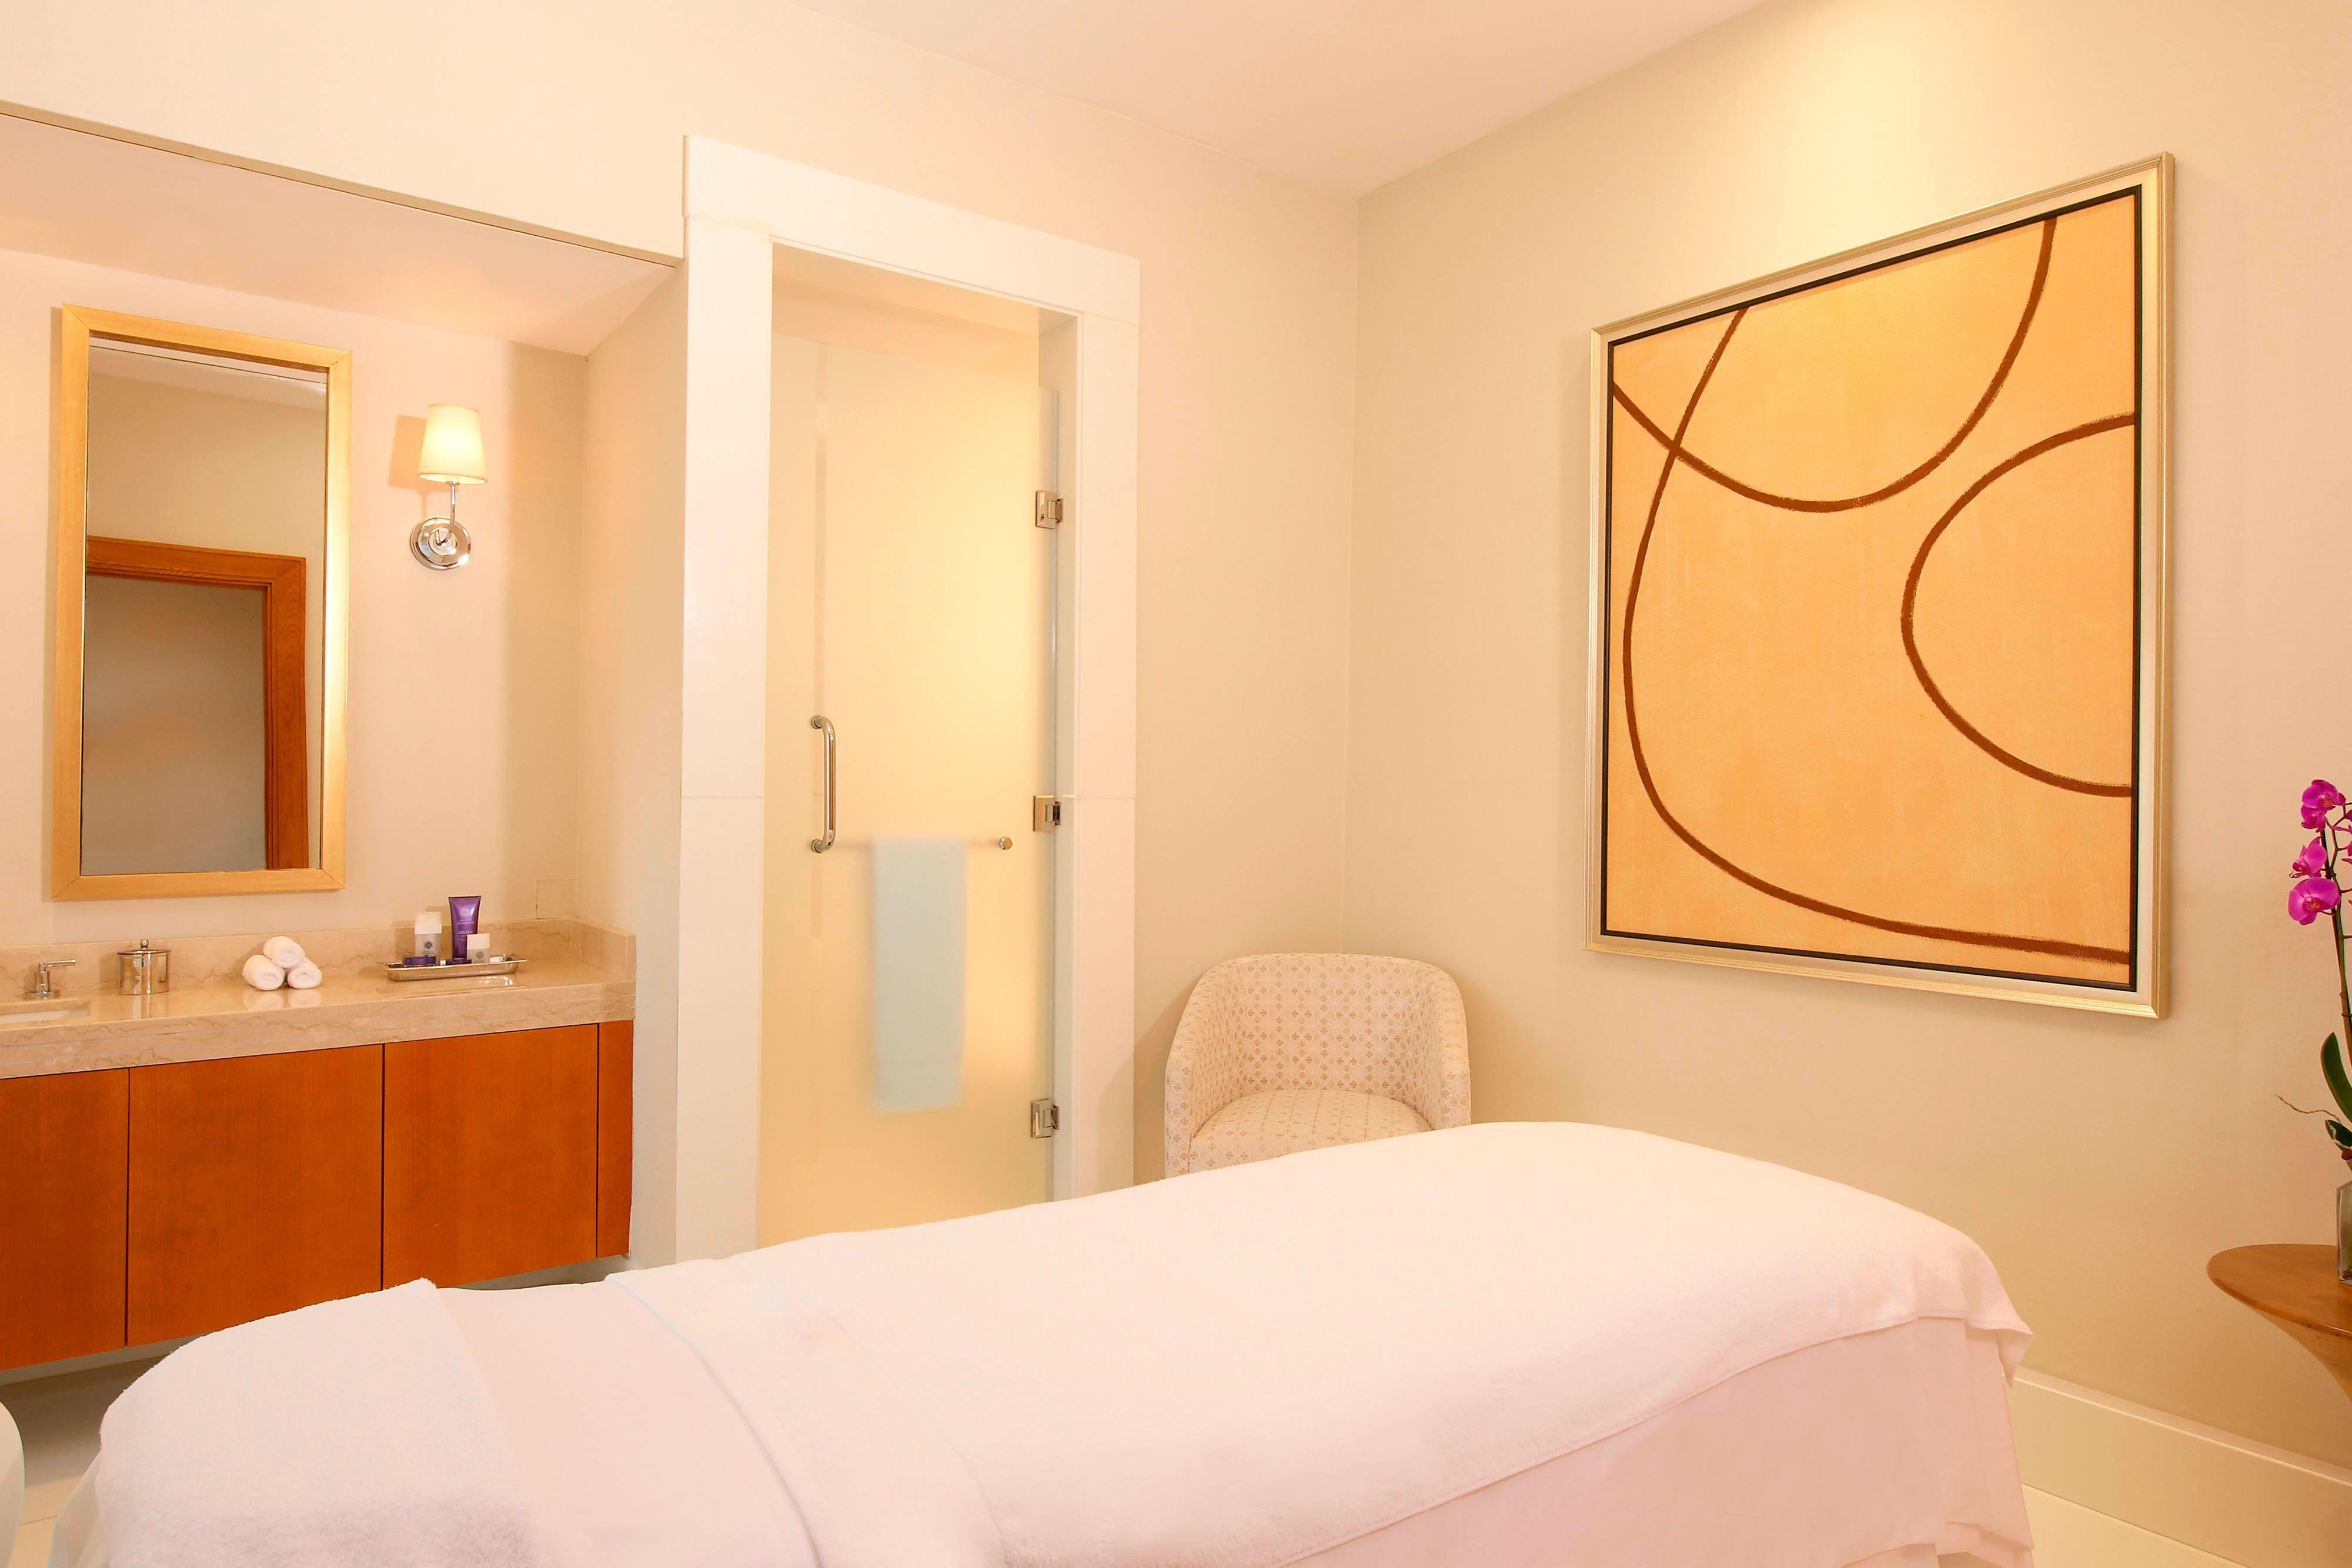 Remède Spa - Treatment Room